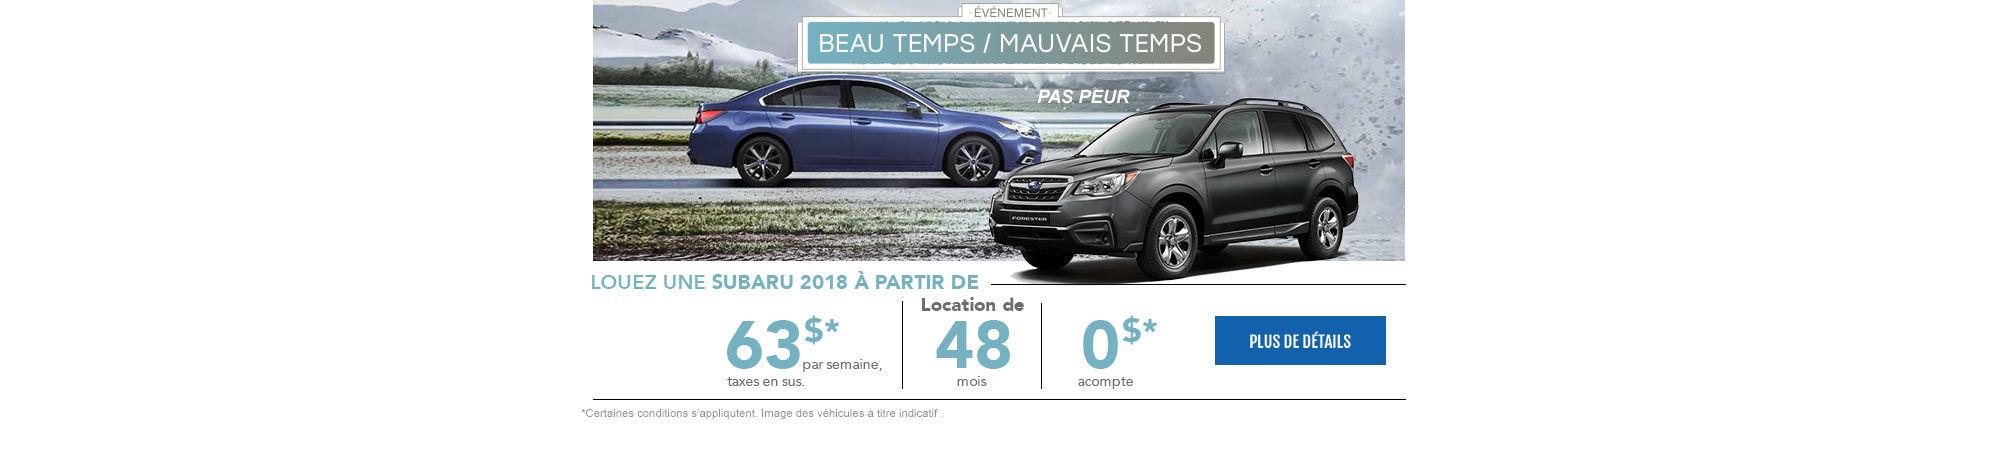 Beau temps / mauvais temps - Subaru